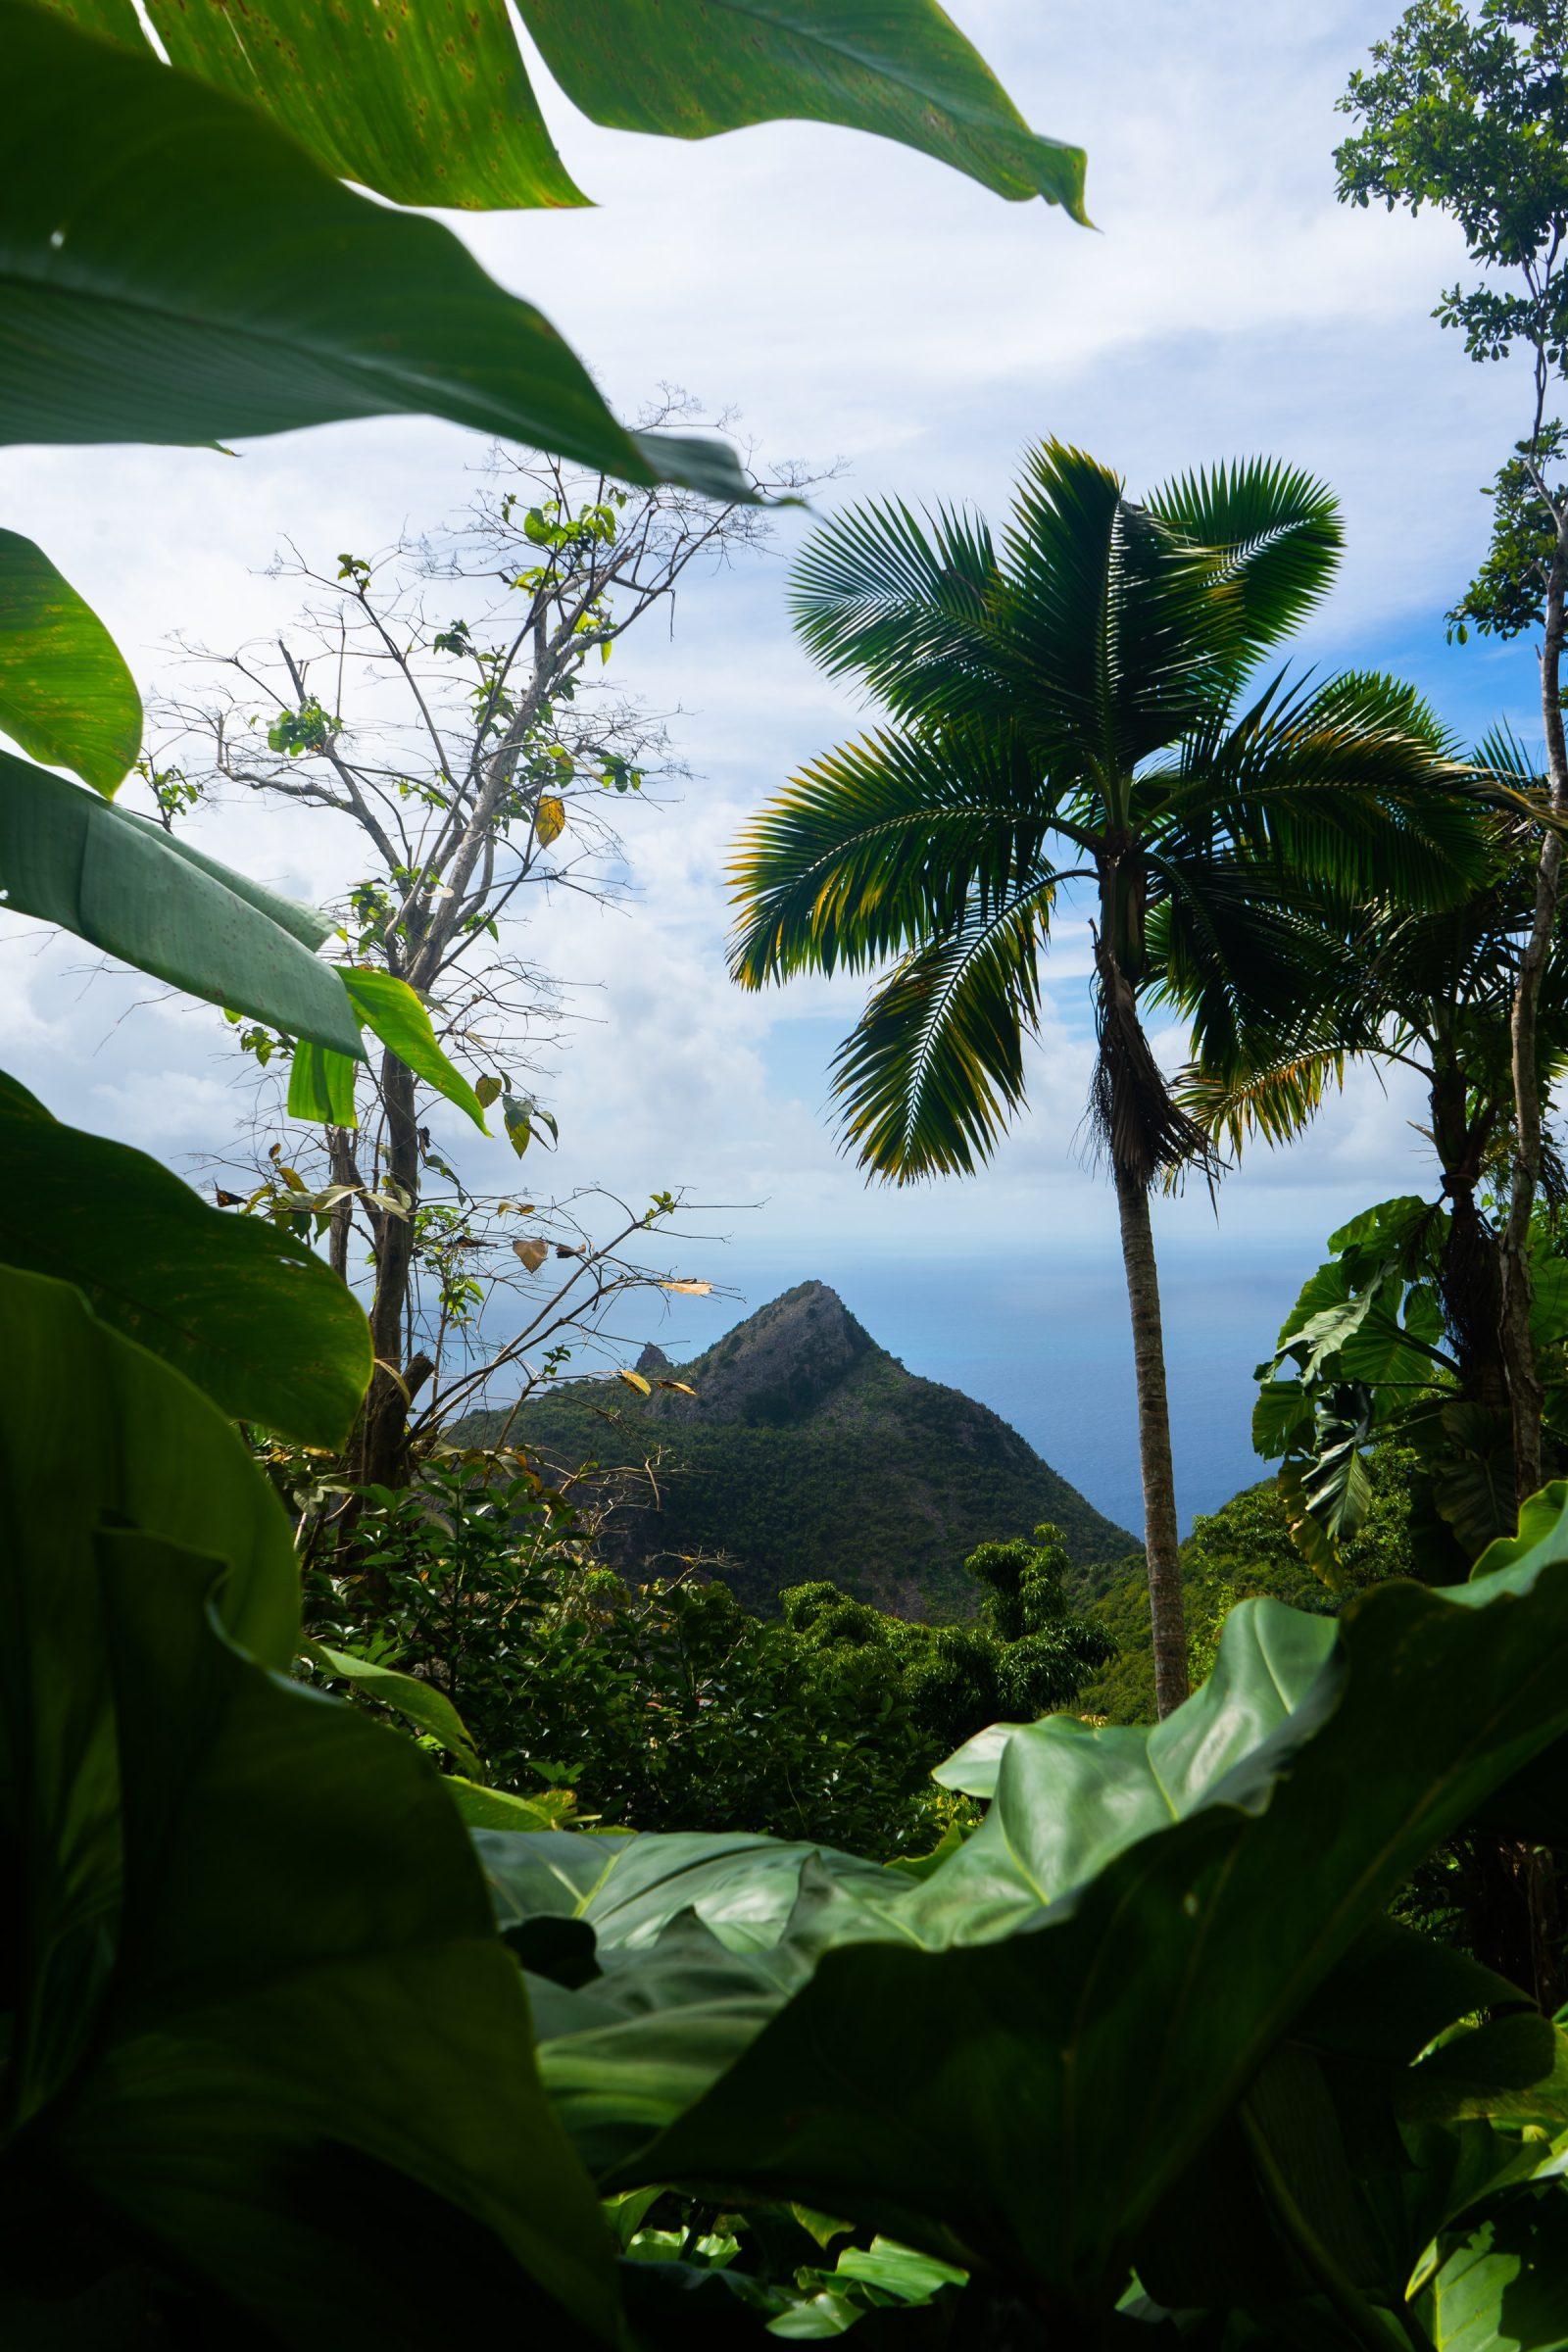 De jungle van Saba